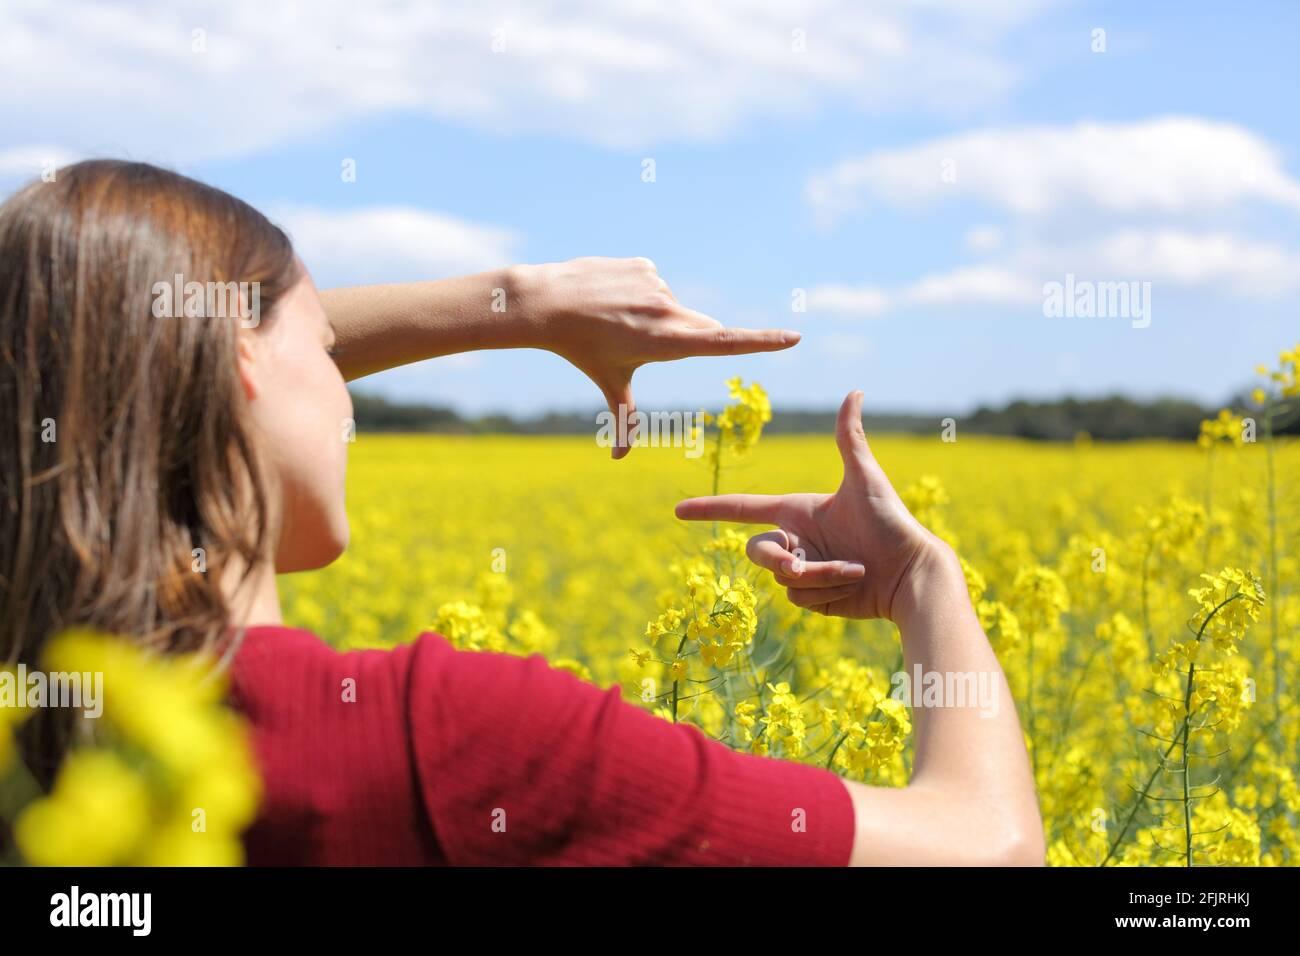 Gros plan d'une femme mains encadrement fleur dans un champ jaune au printemps Banque D'Images